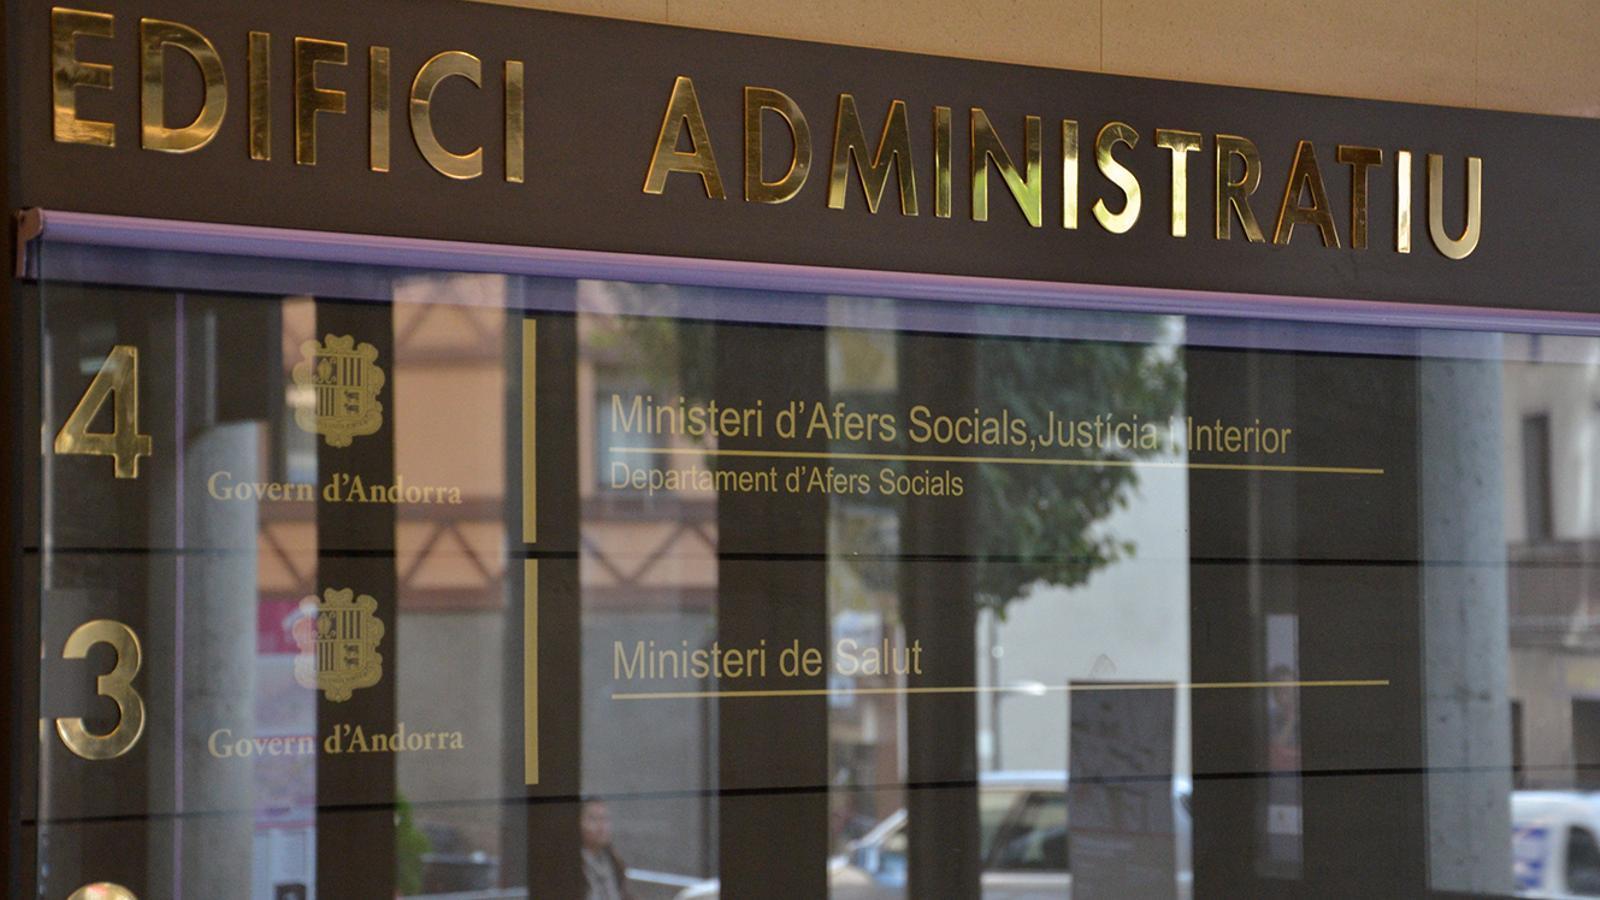 L'entrada del ministeri de Salut, a l'edifici Clara Rabassa. / M. M. (ANA)